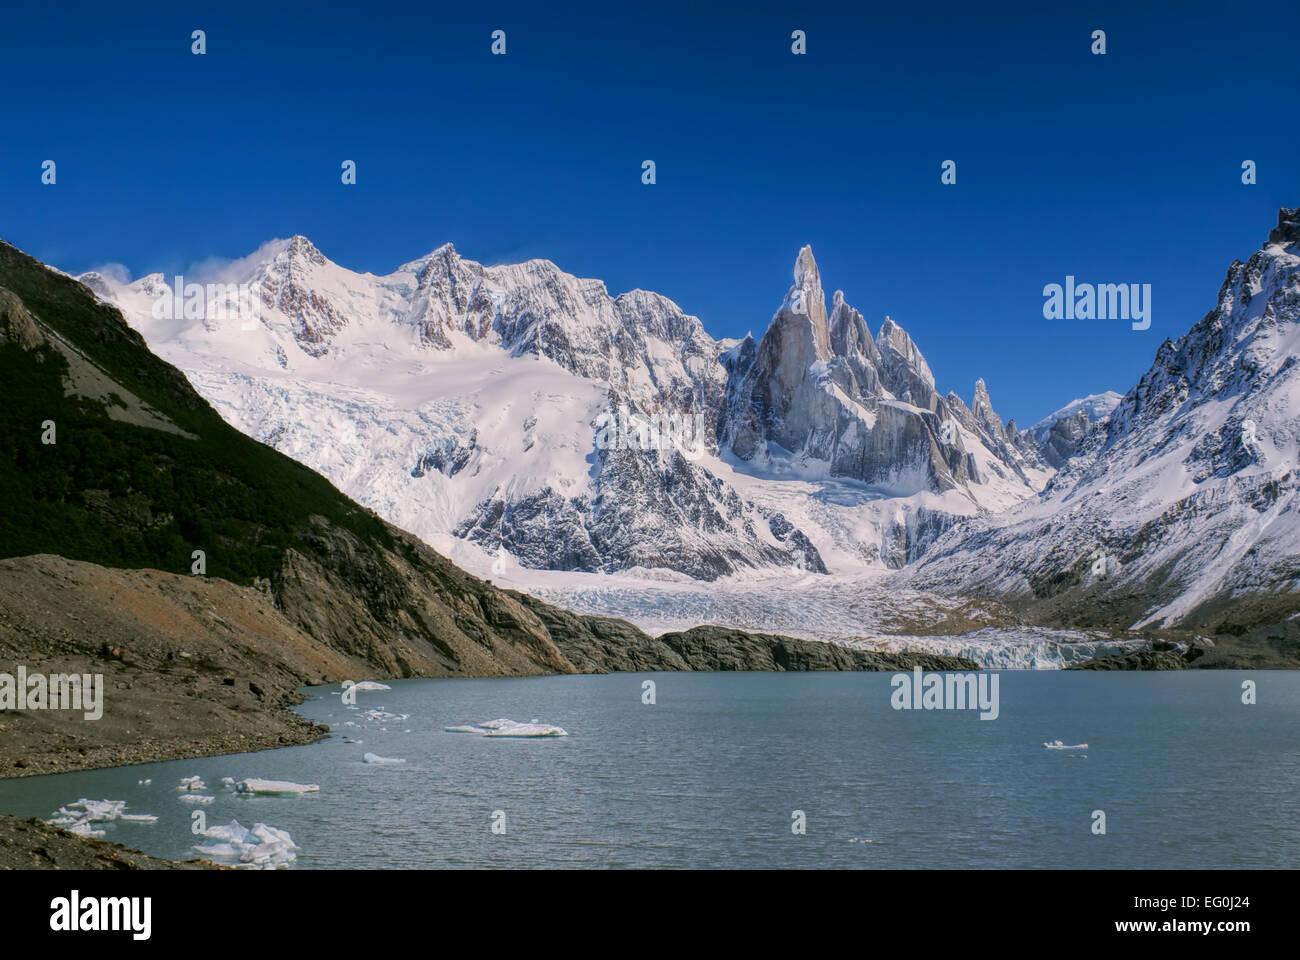 Panorama der schneebedeckten Berge in den See abfallenden Stockbild